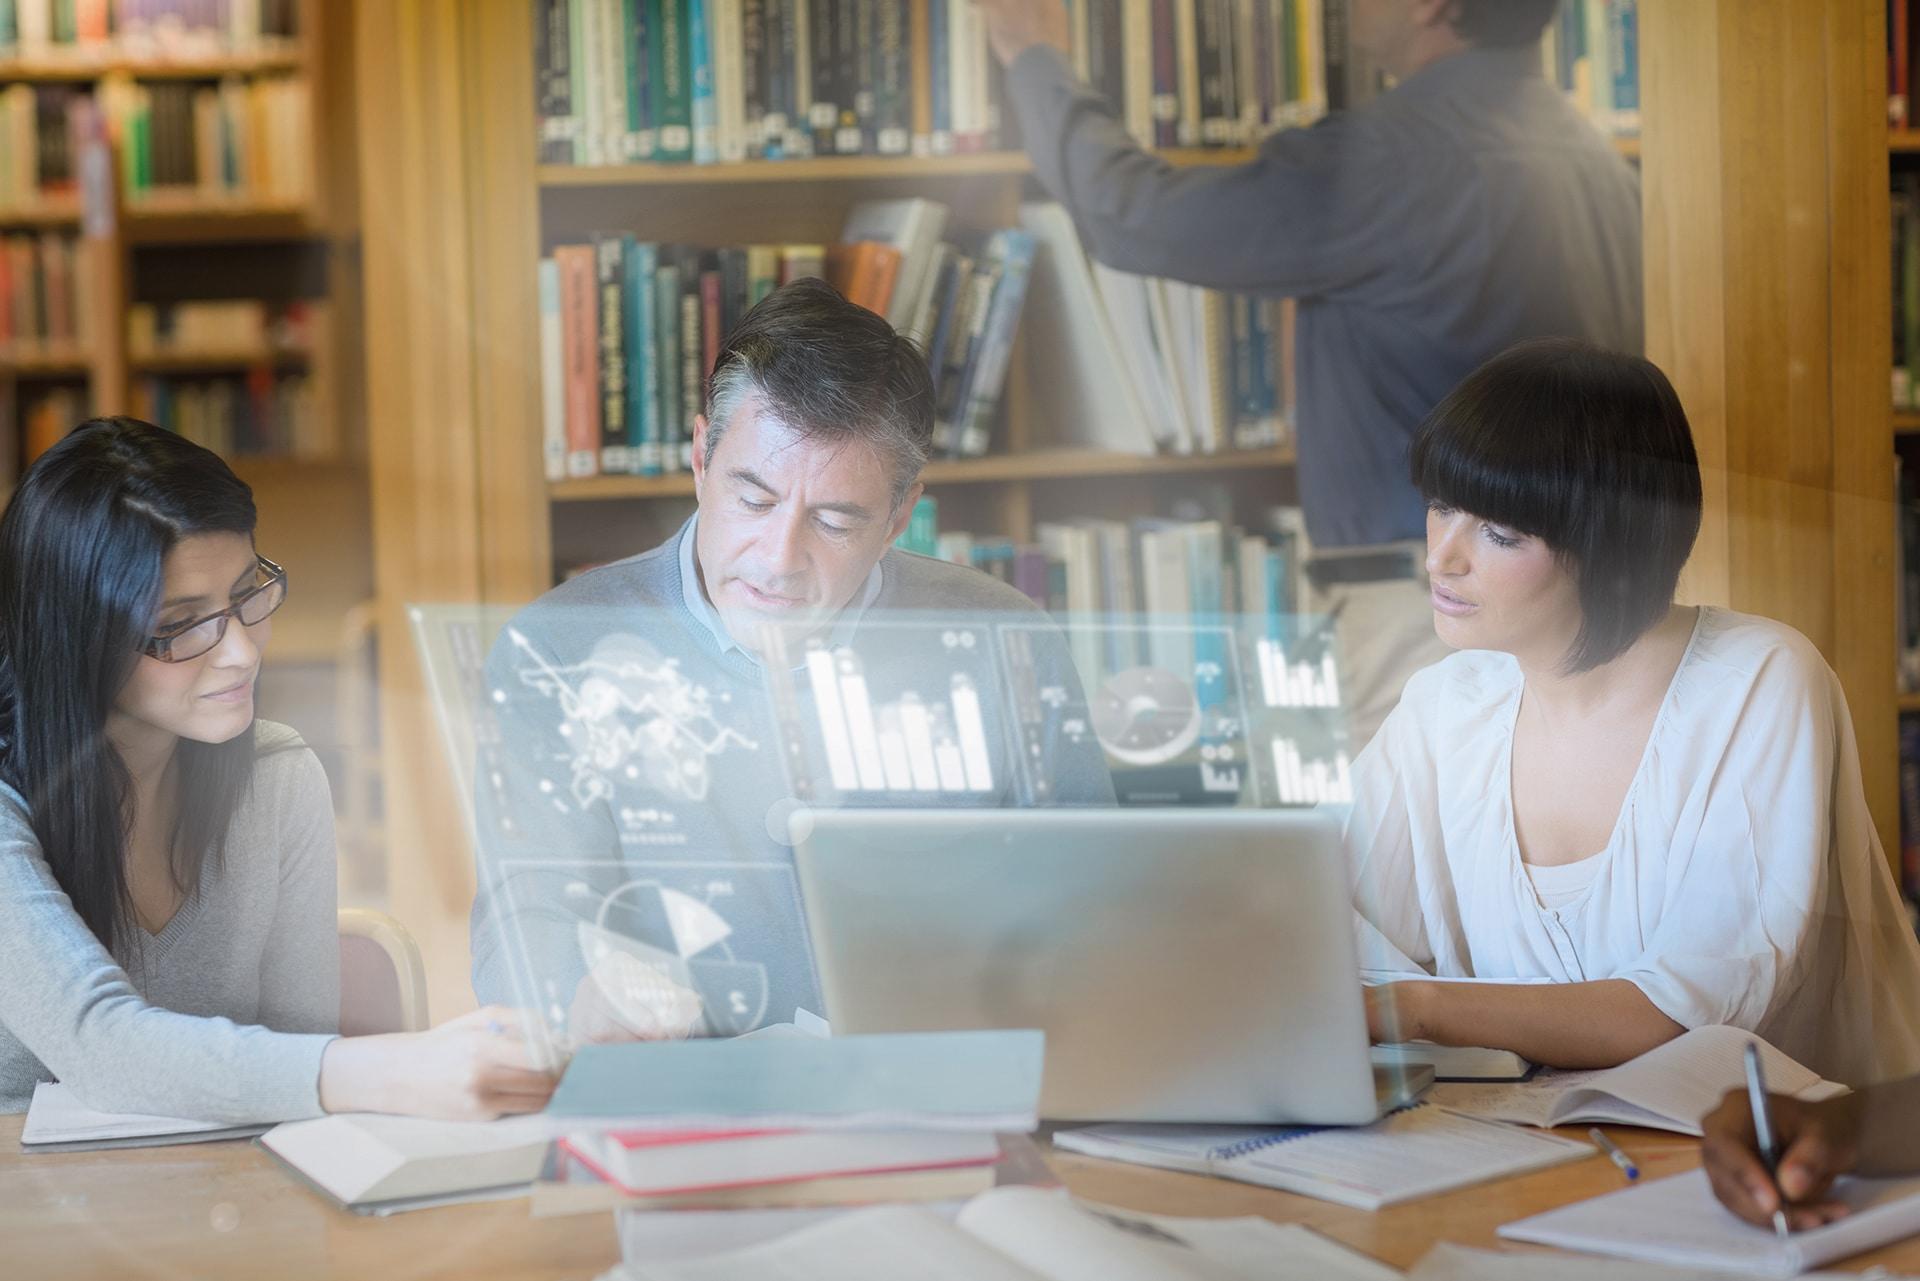 Digitalisierung der Lehre